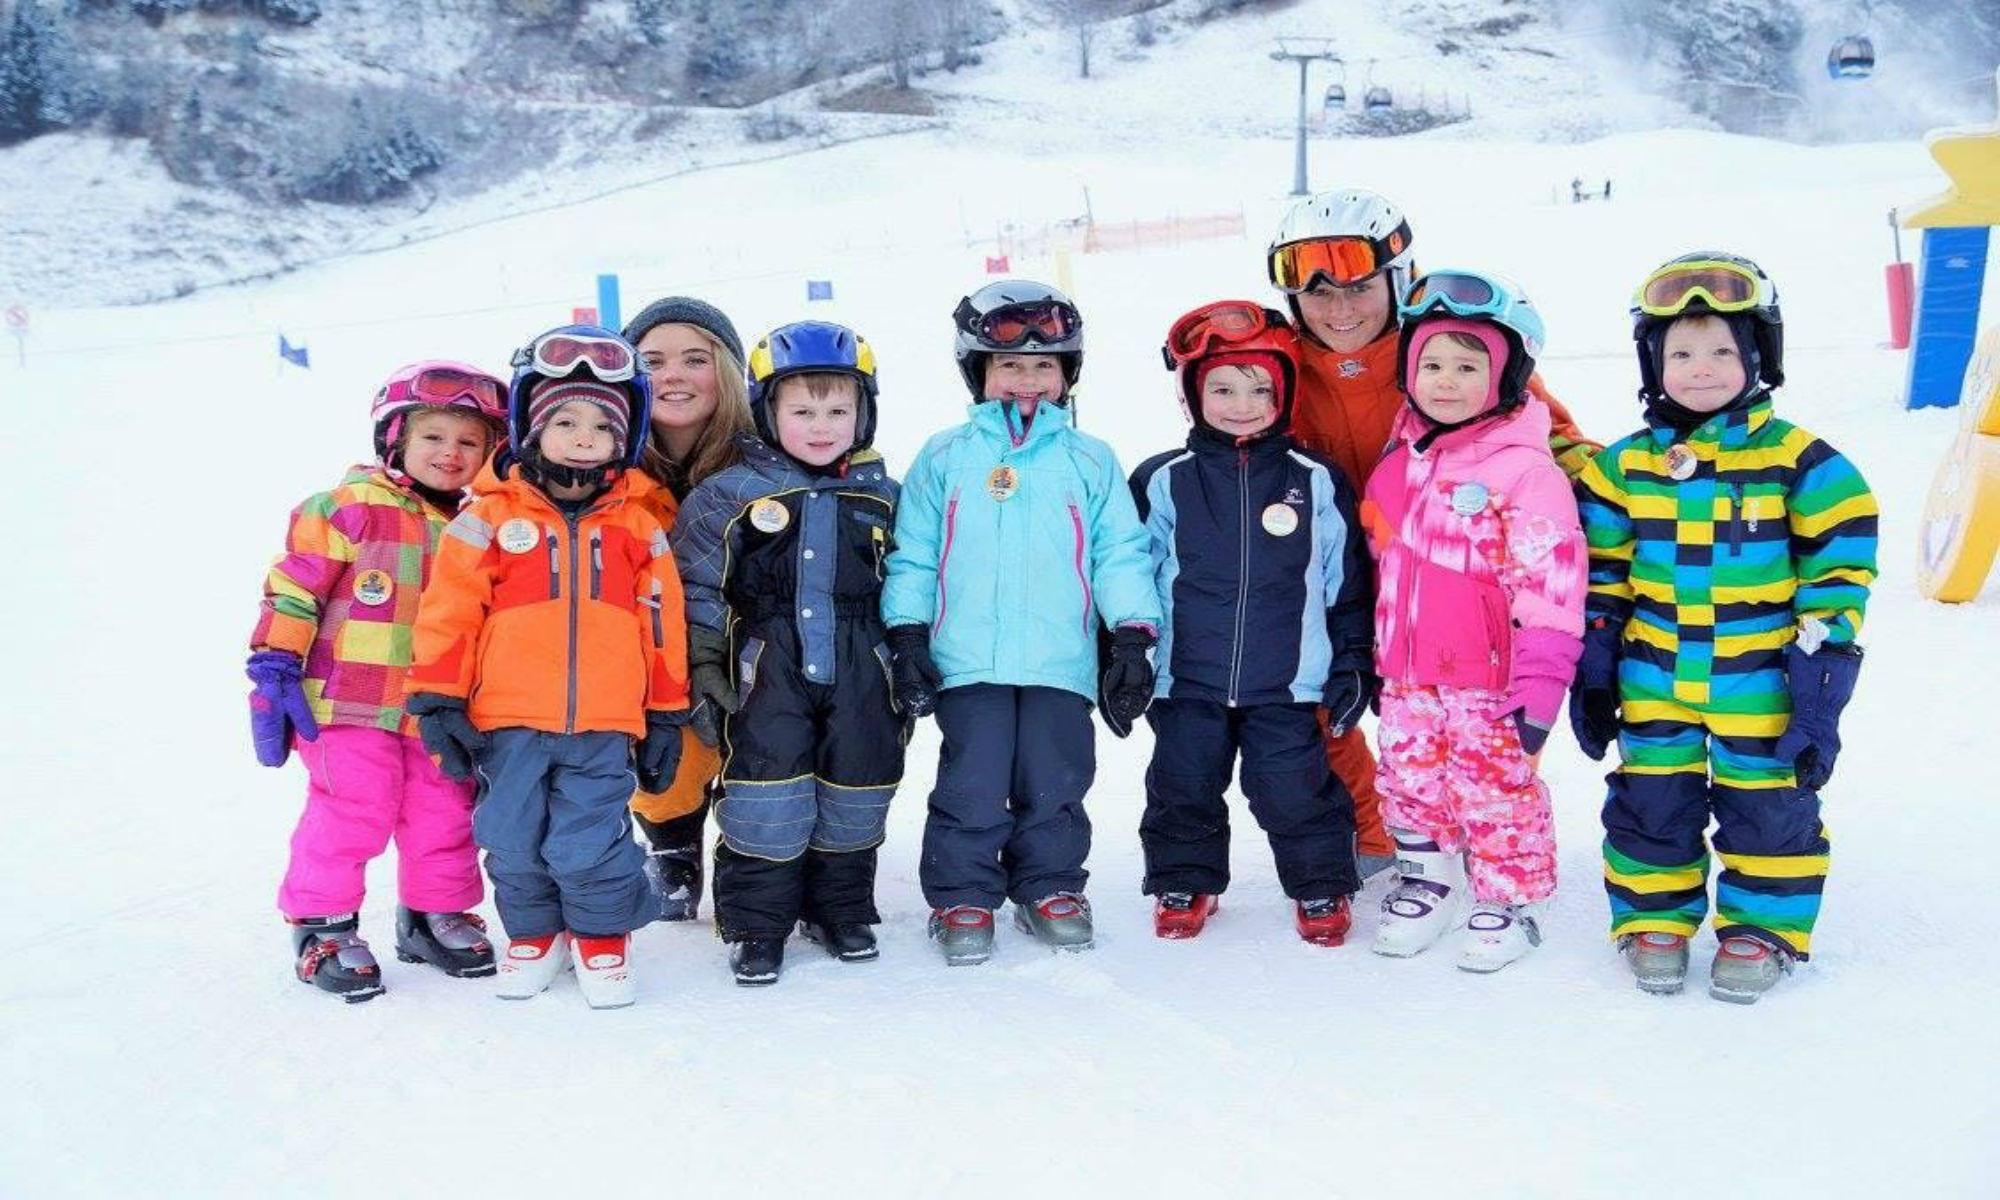 Twee skileraressen poseren voor een foto met hun jonge leerlingen in het skigebied van Rauris.